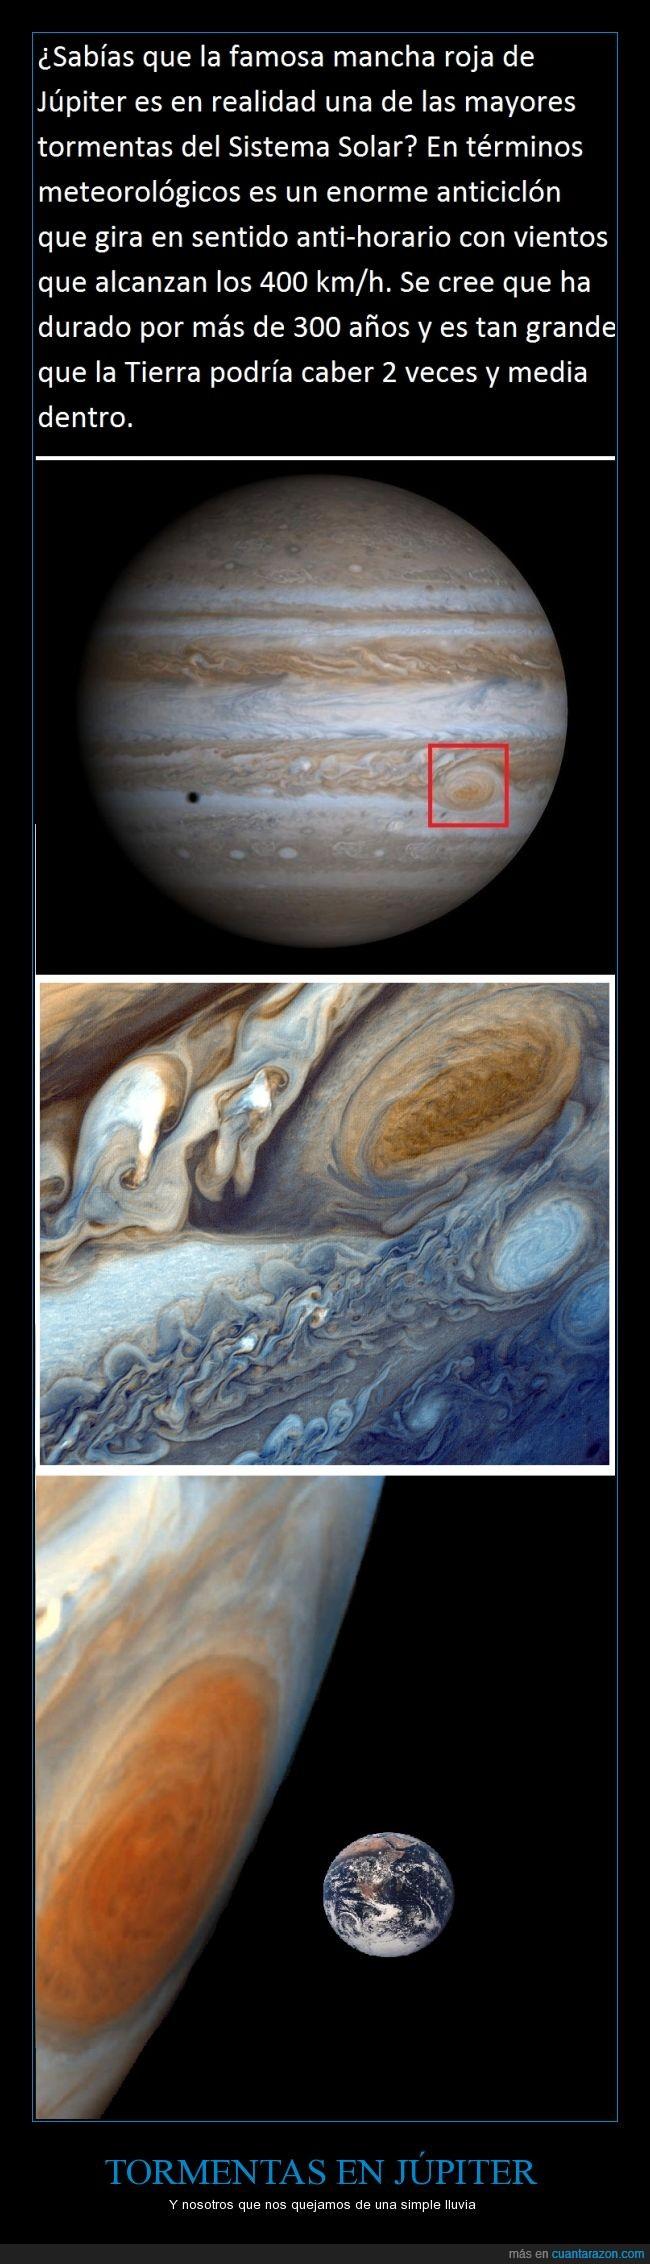 Anticiclón,Curiosidad,Júpiter,Sistema Solar,Tormenta,Vientos de 400 km/h